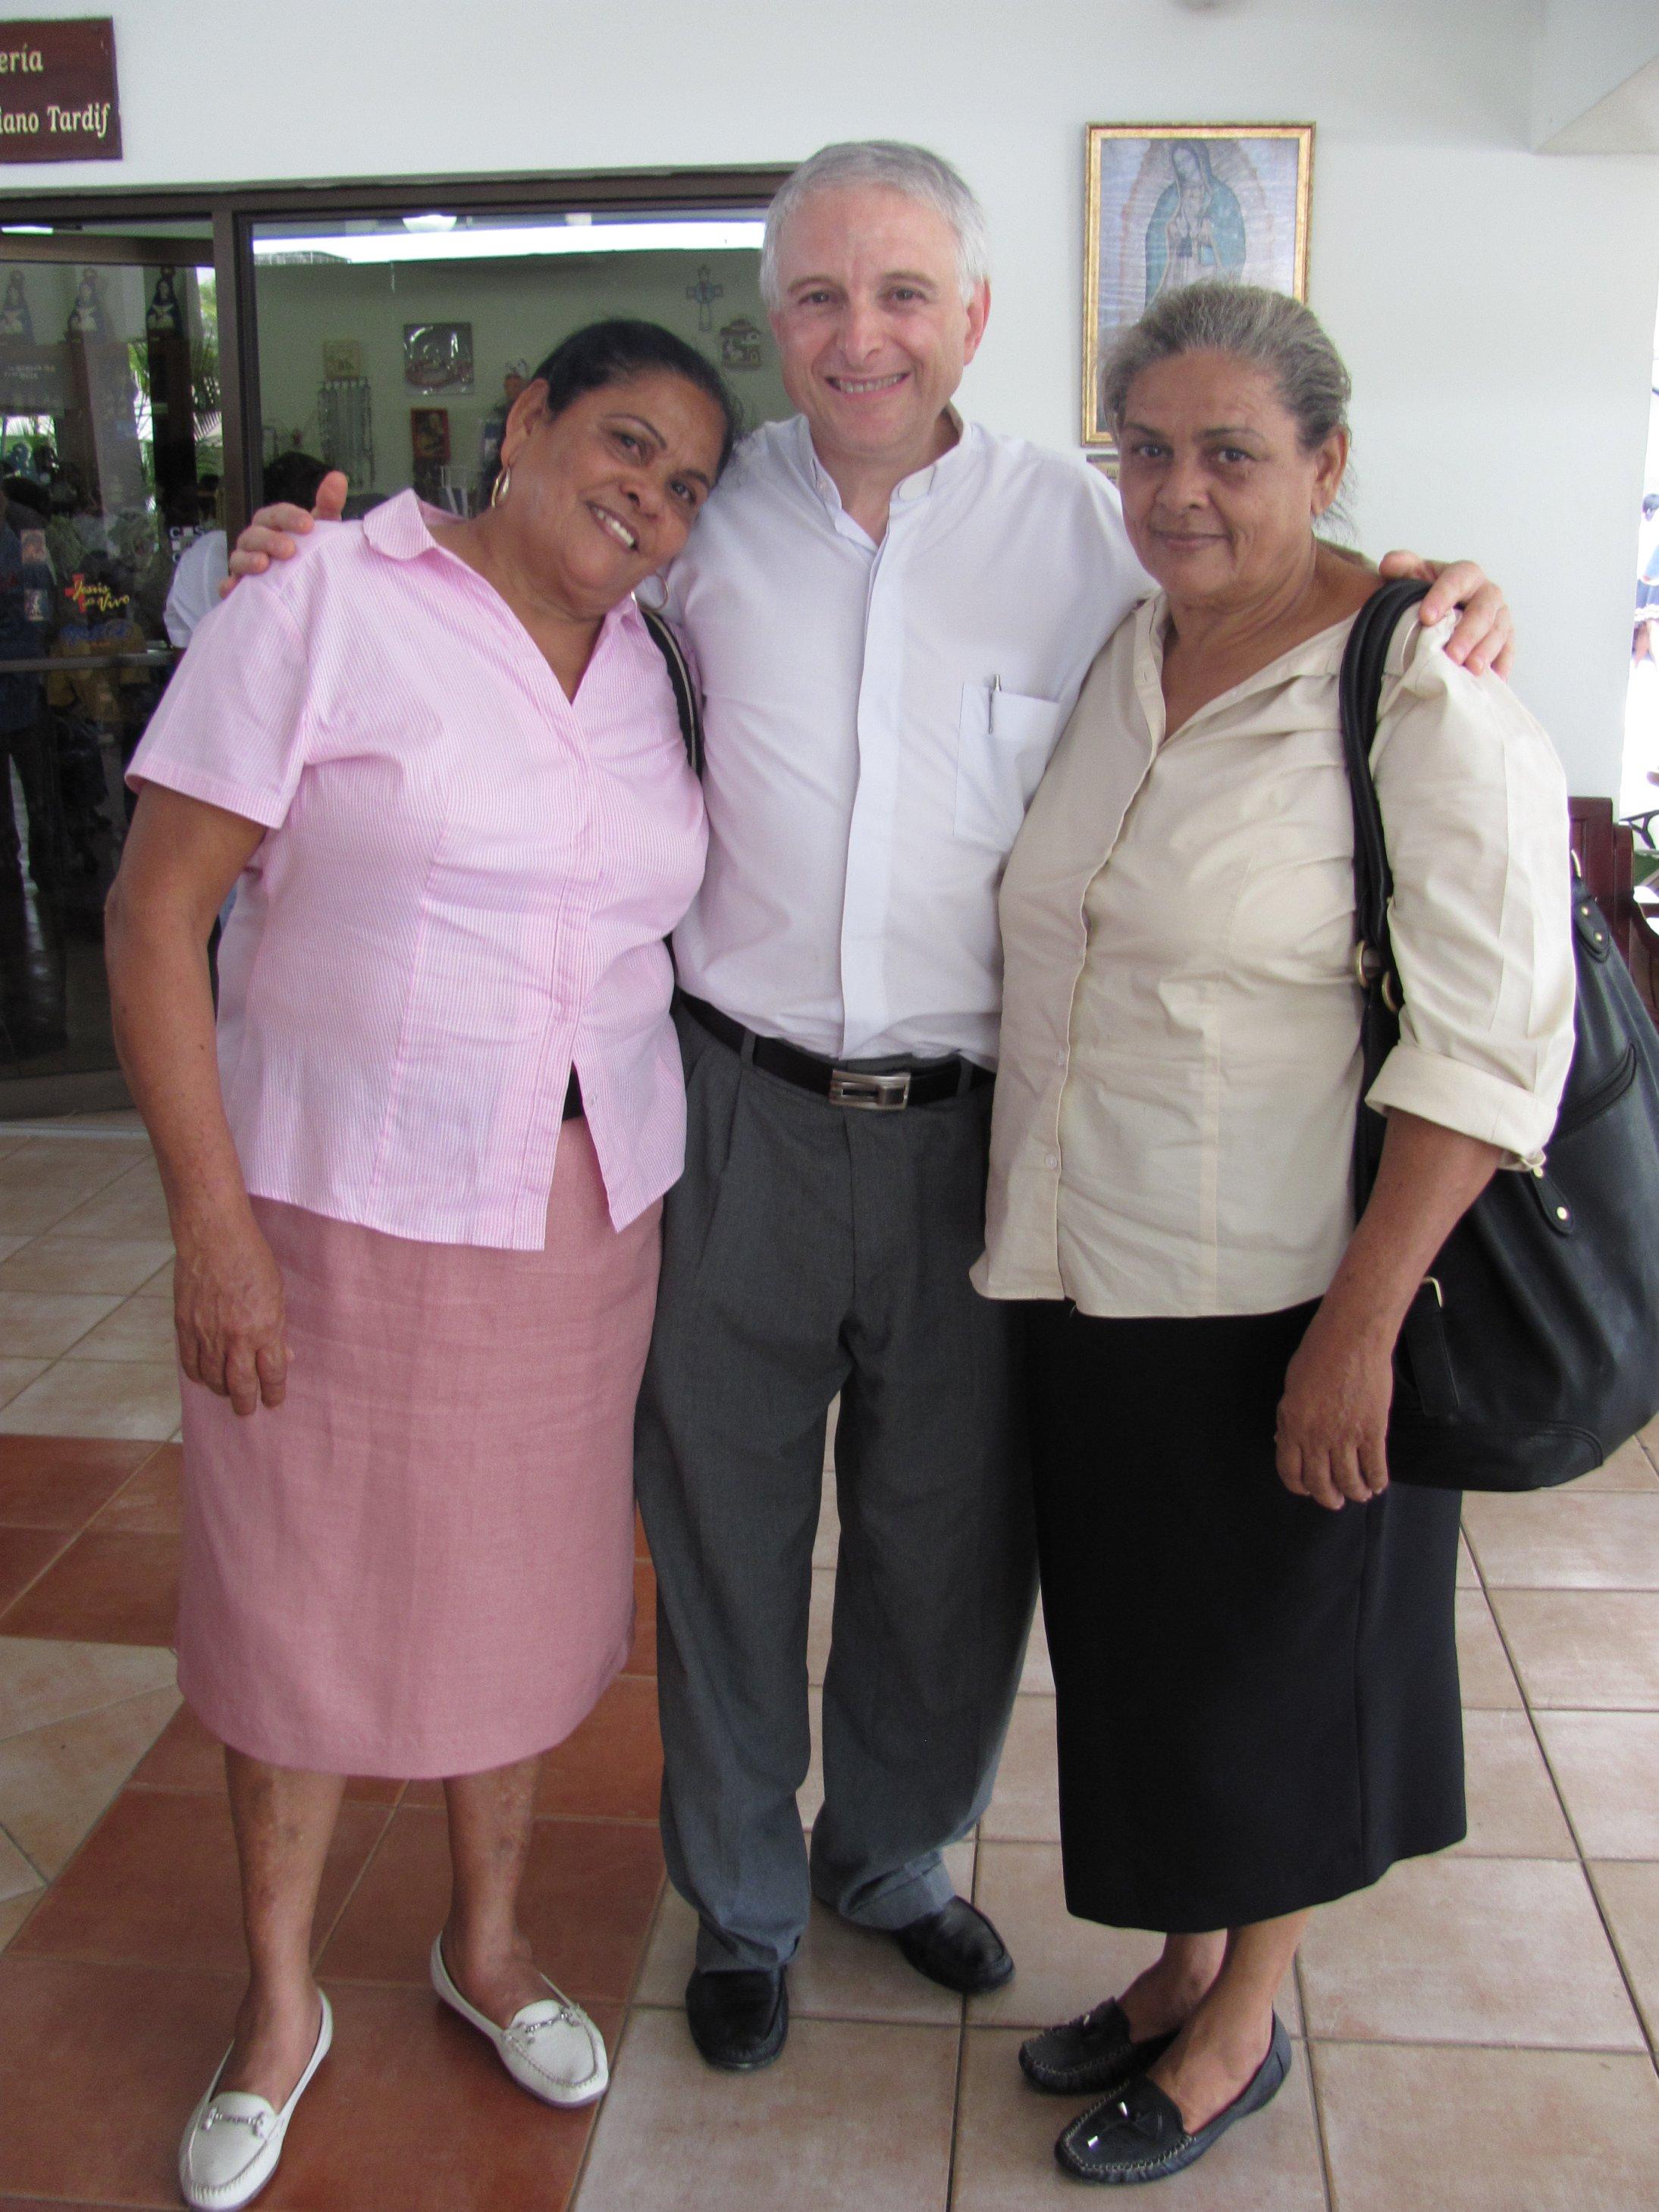 guaricano_convivencia_2012-06-24-14-19-36